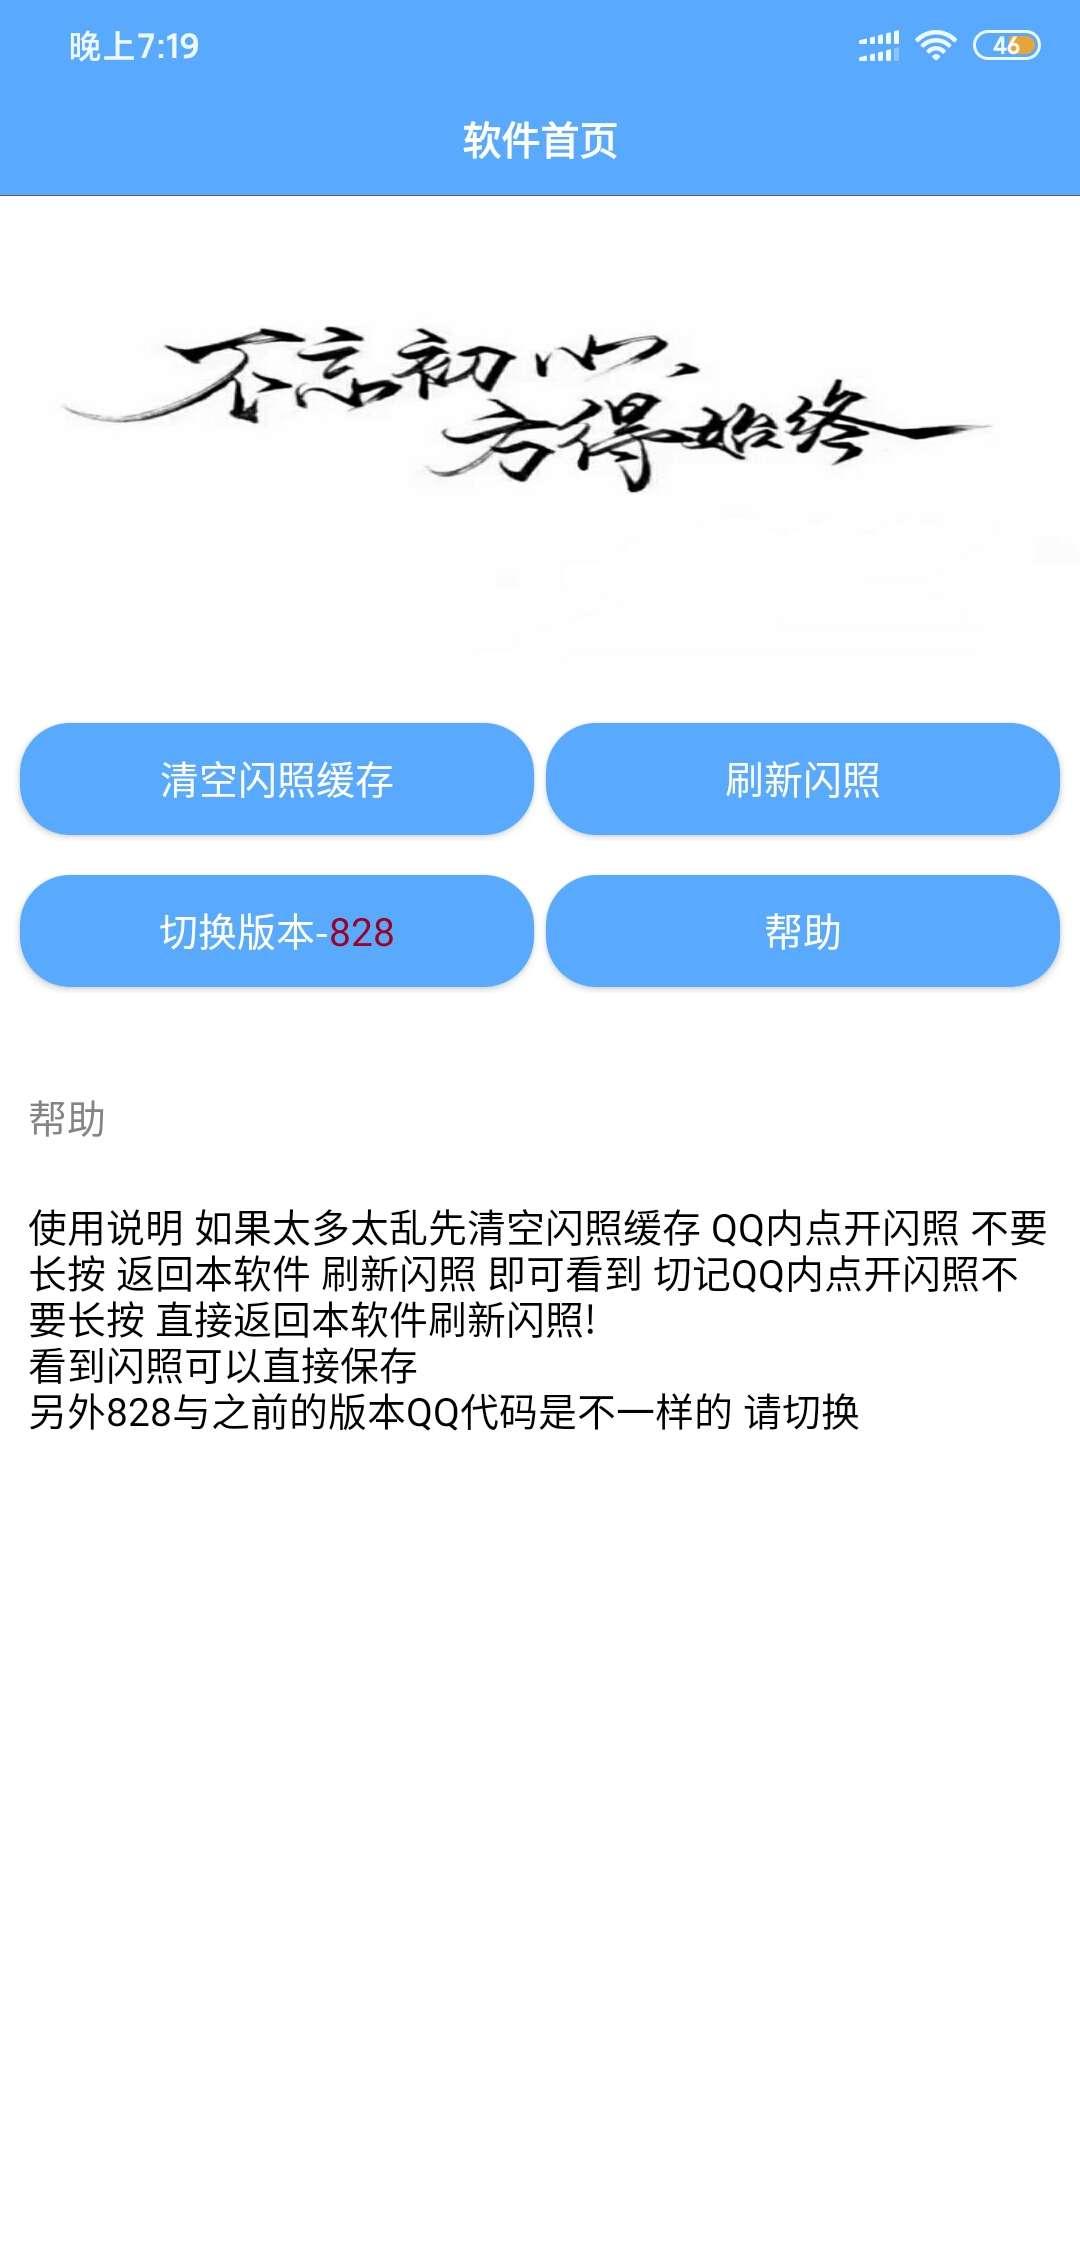 【分享】QQ闪照破解v2.0